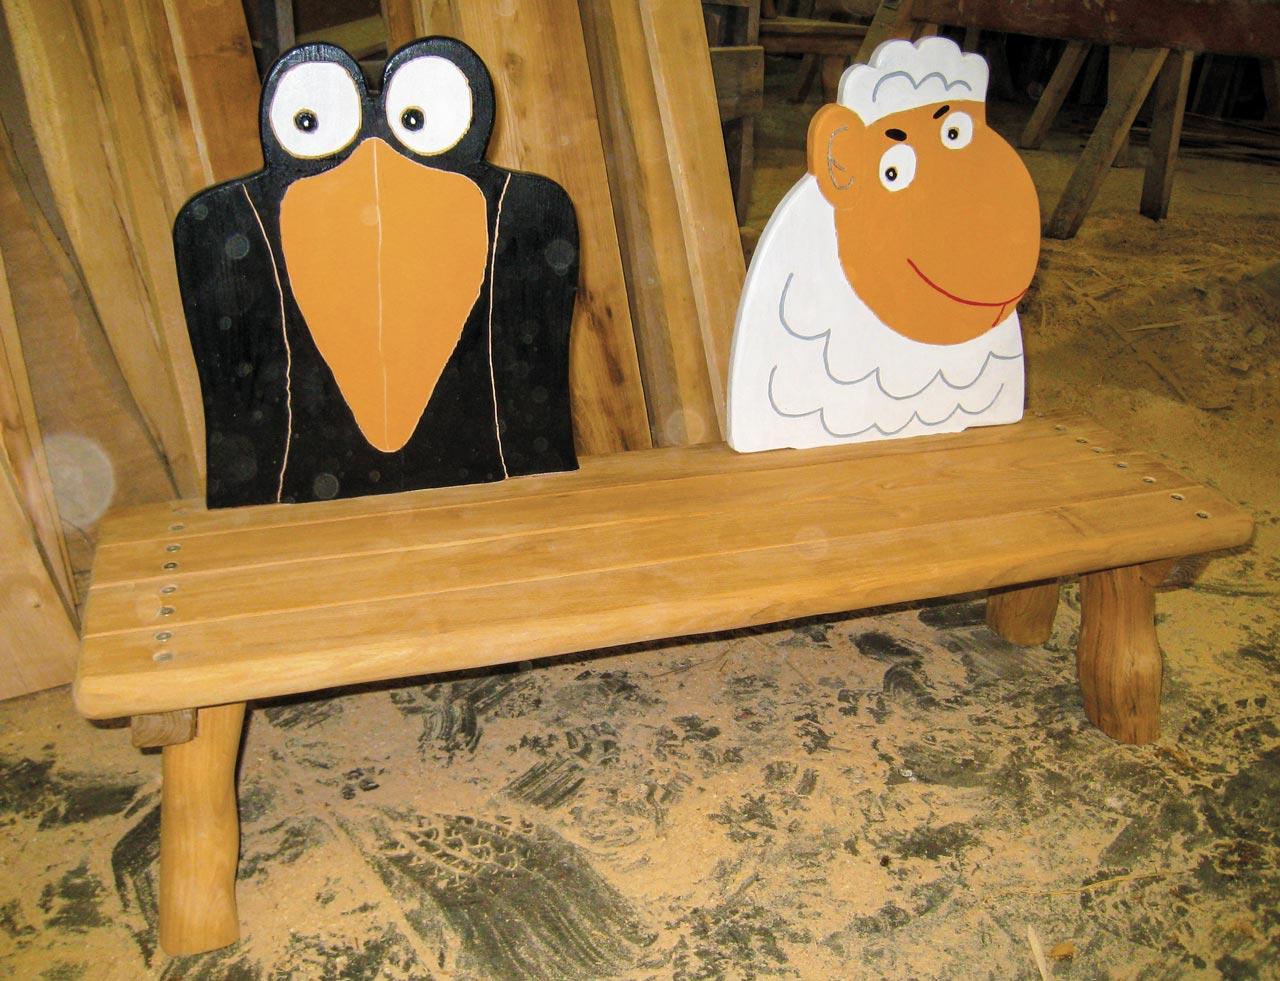 G 15 Sitzbank Kinder mit Rabe und Schaf